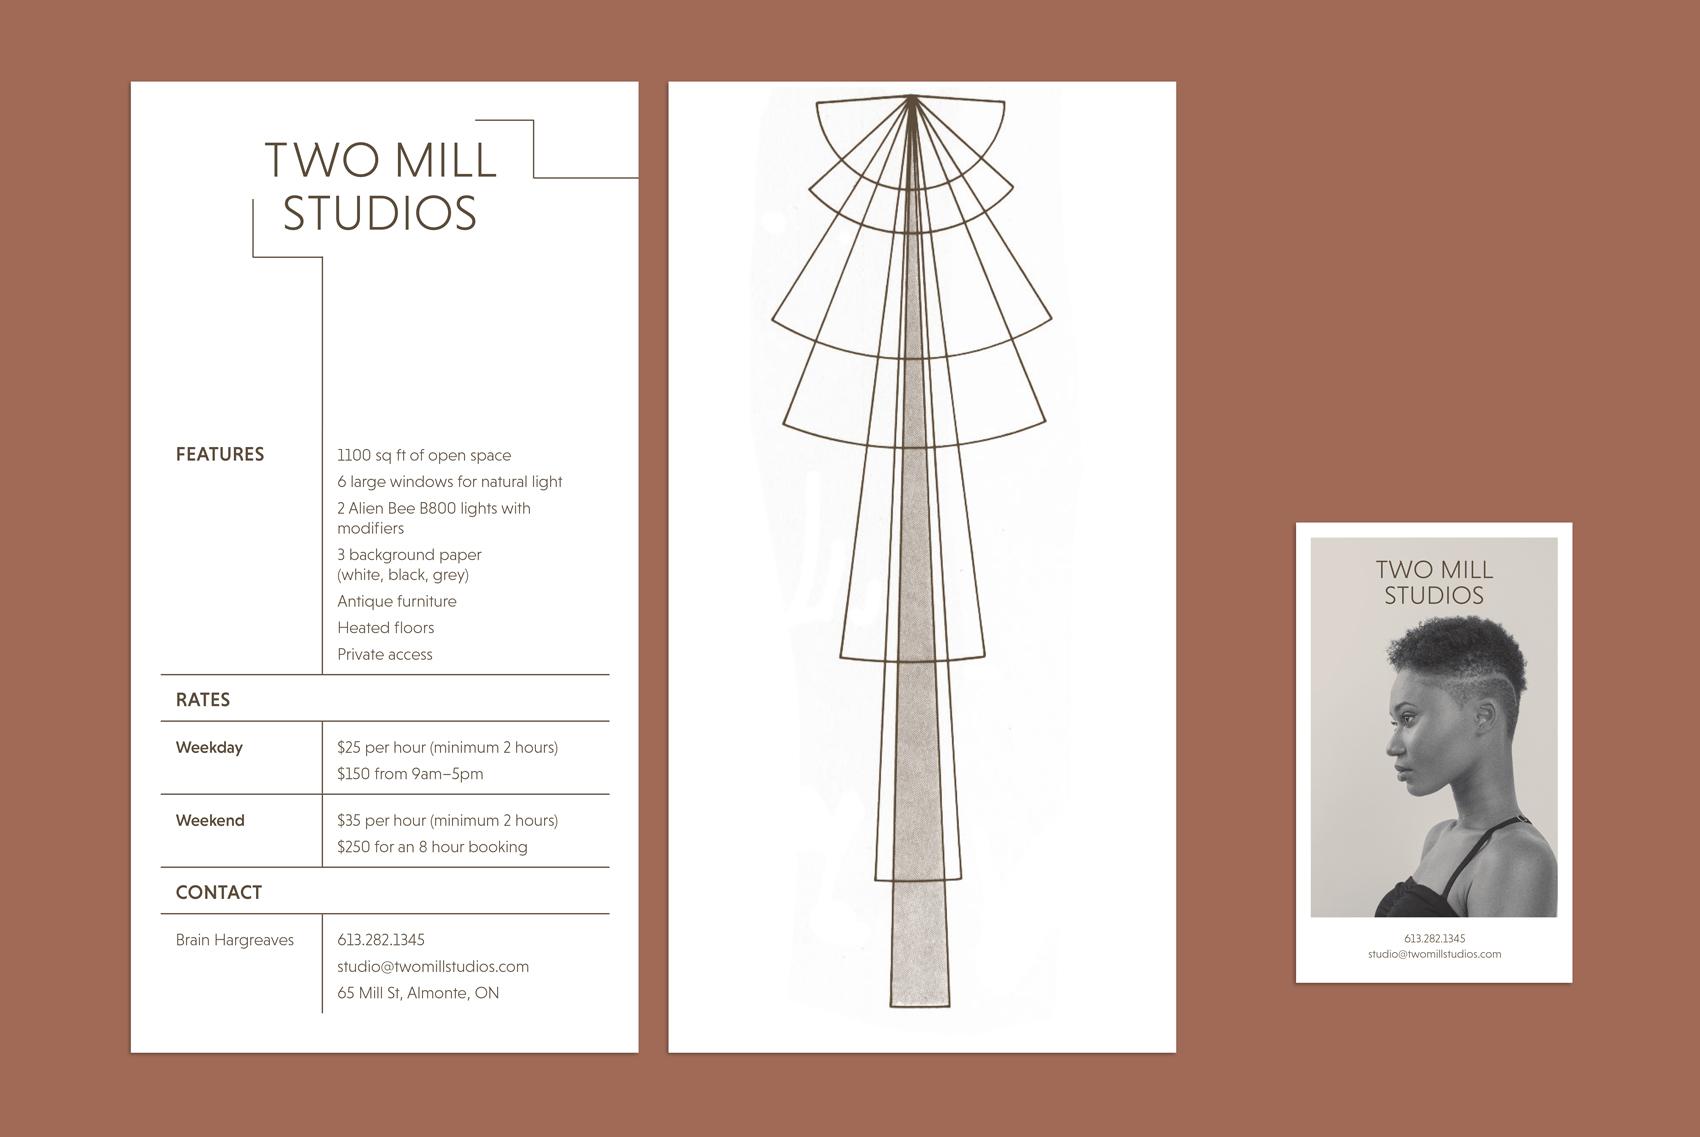 studiotwomills-post03.jpg